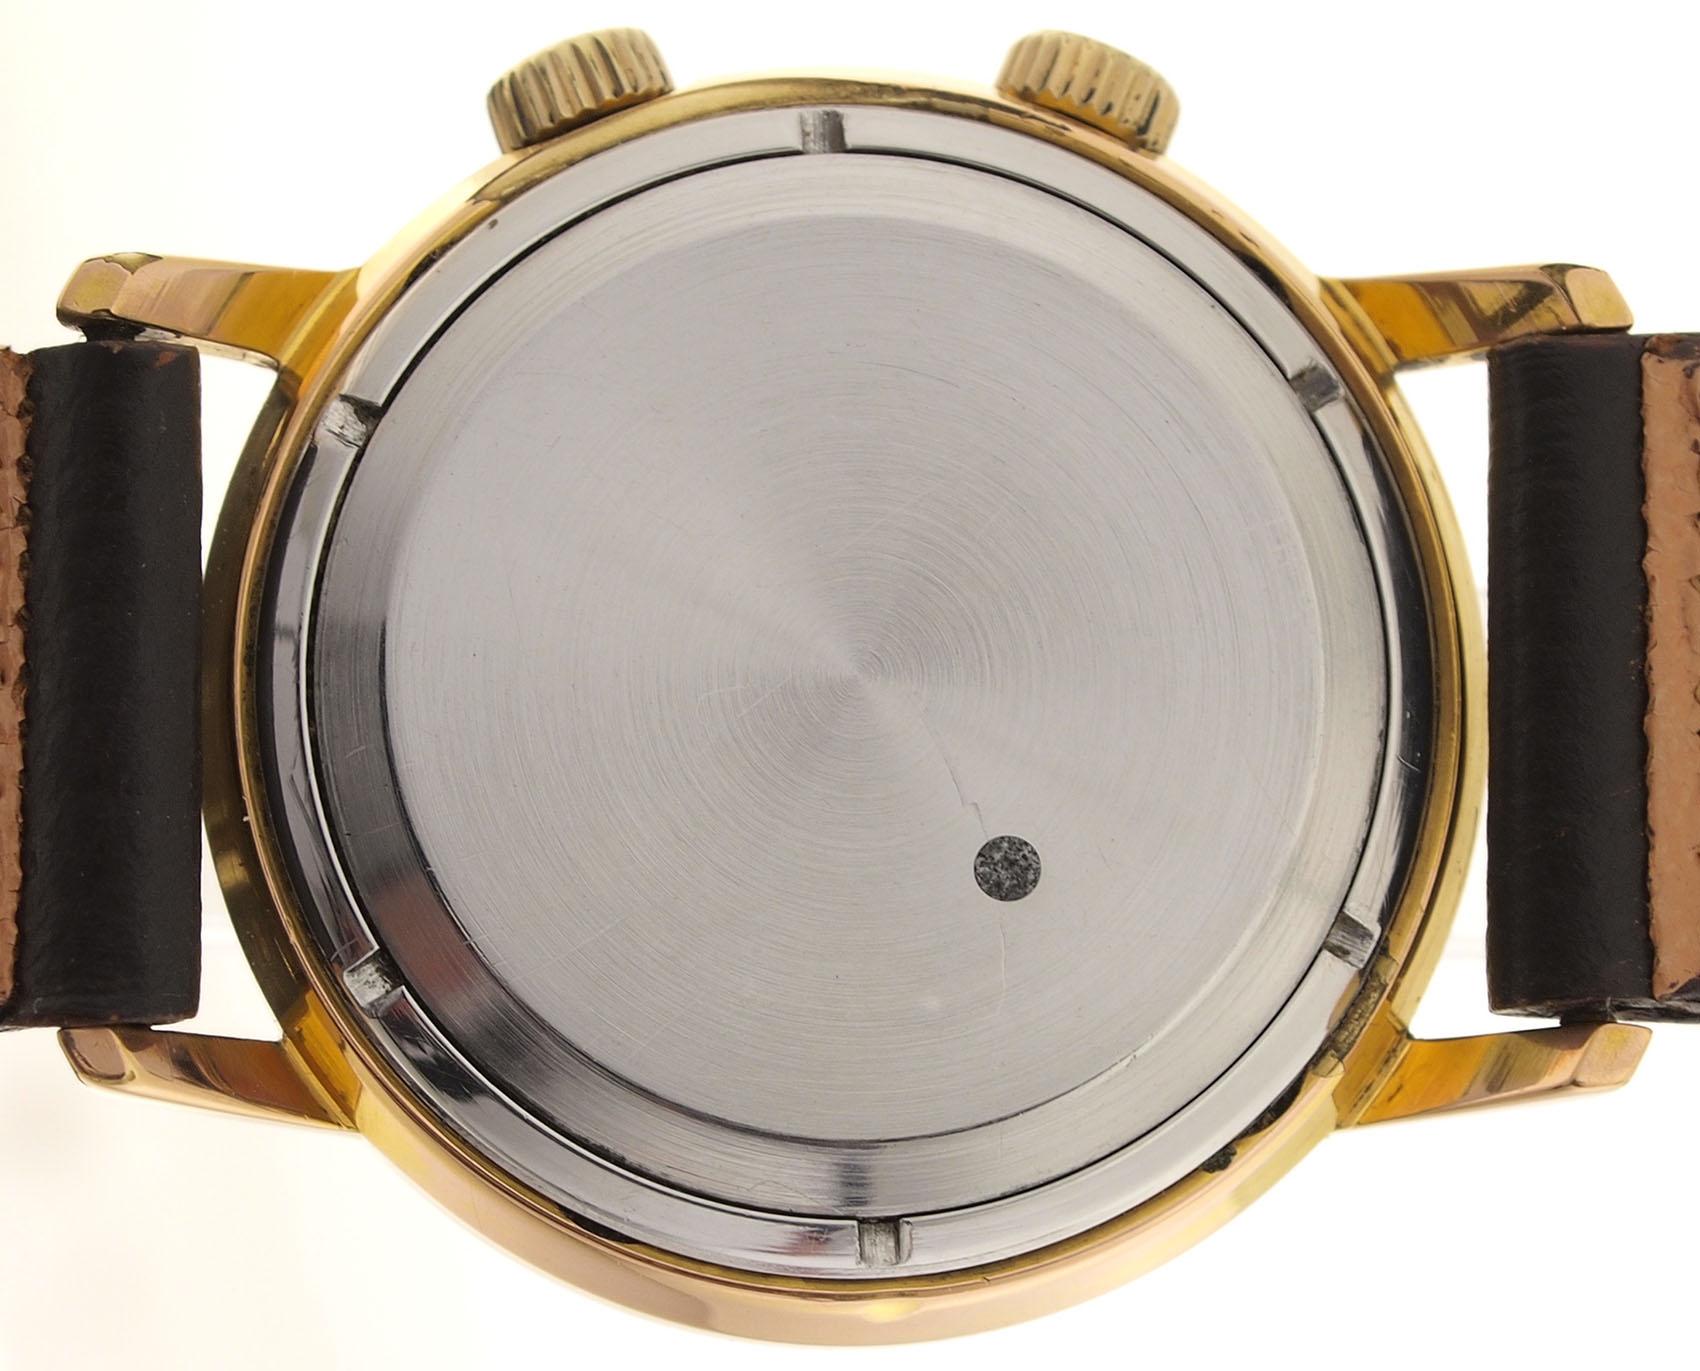 poljot herren armbanduhr mit wecker alarm made in ussr 1960er selten ebay. Black Bedroom Furniture Sets. Home Design Ideas